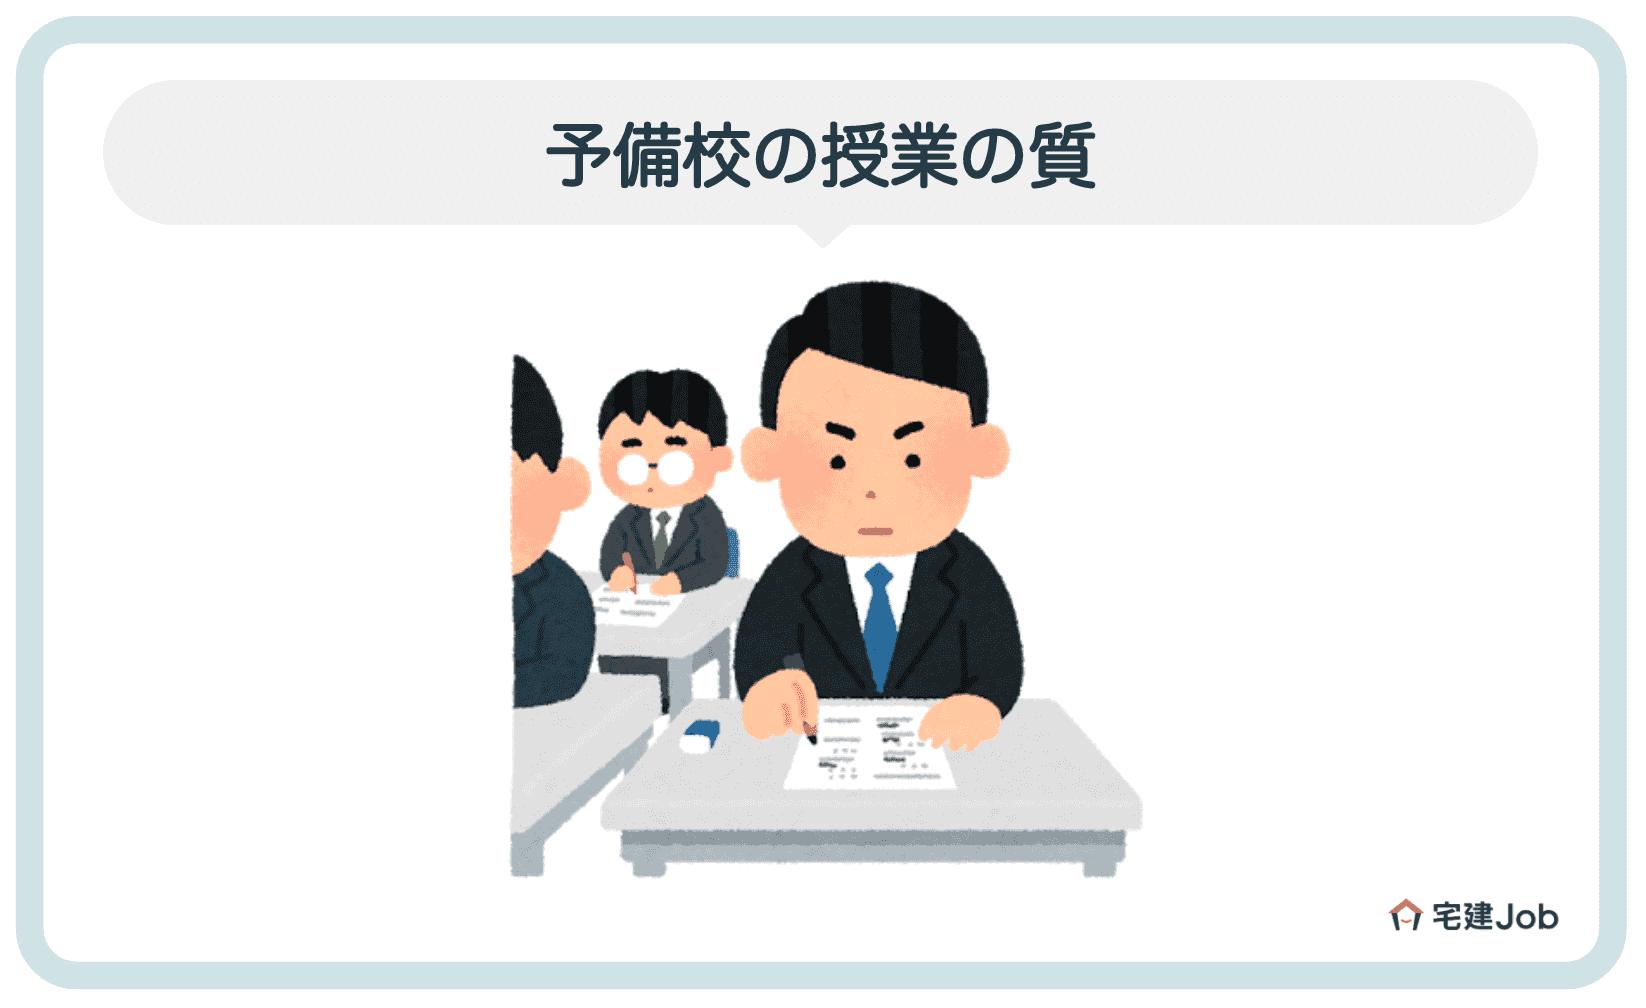 2.授業の質(講師・テキスト)【不動産鑑定士の予備校】